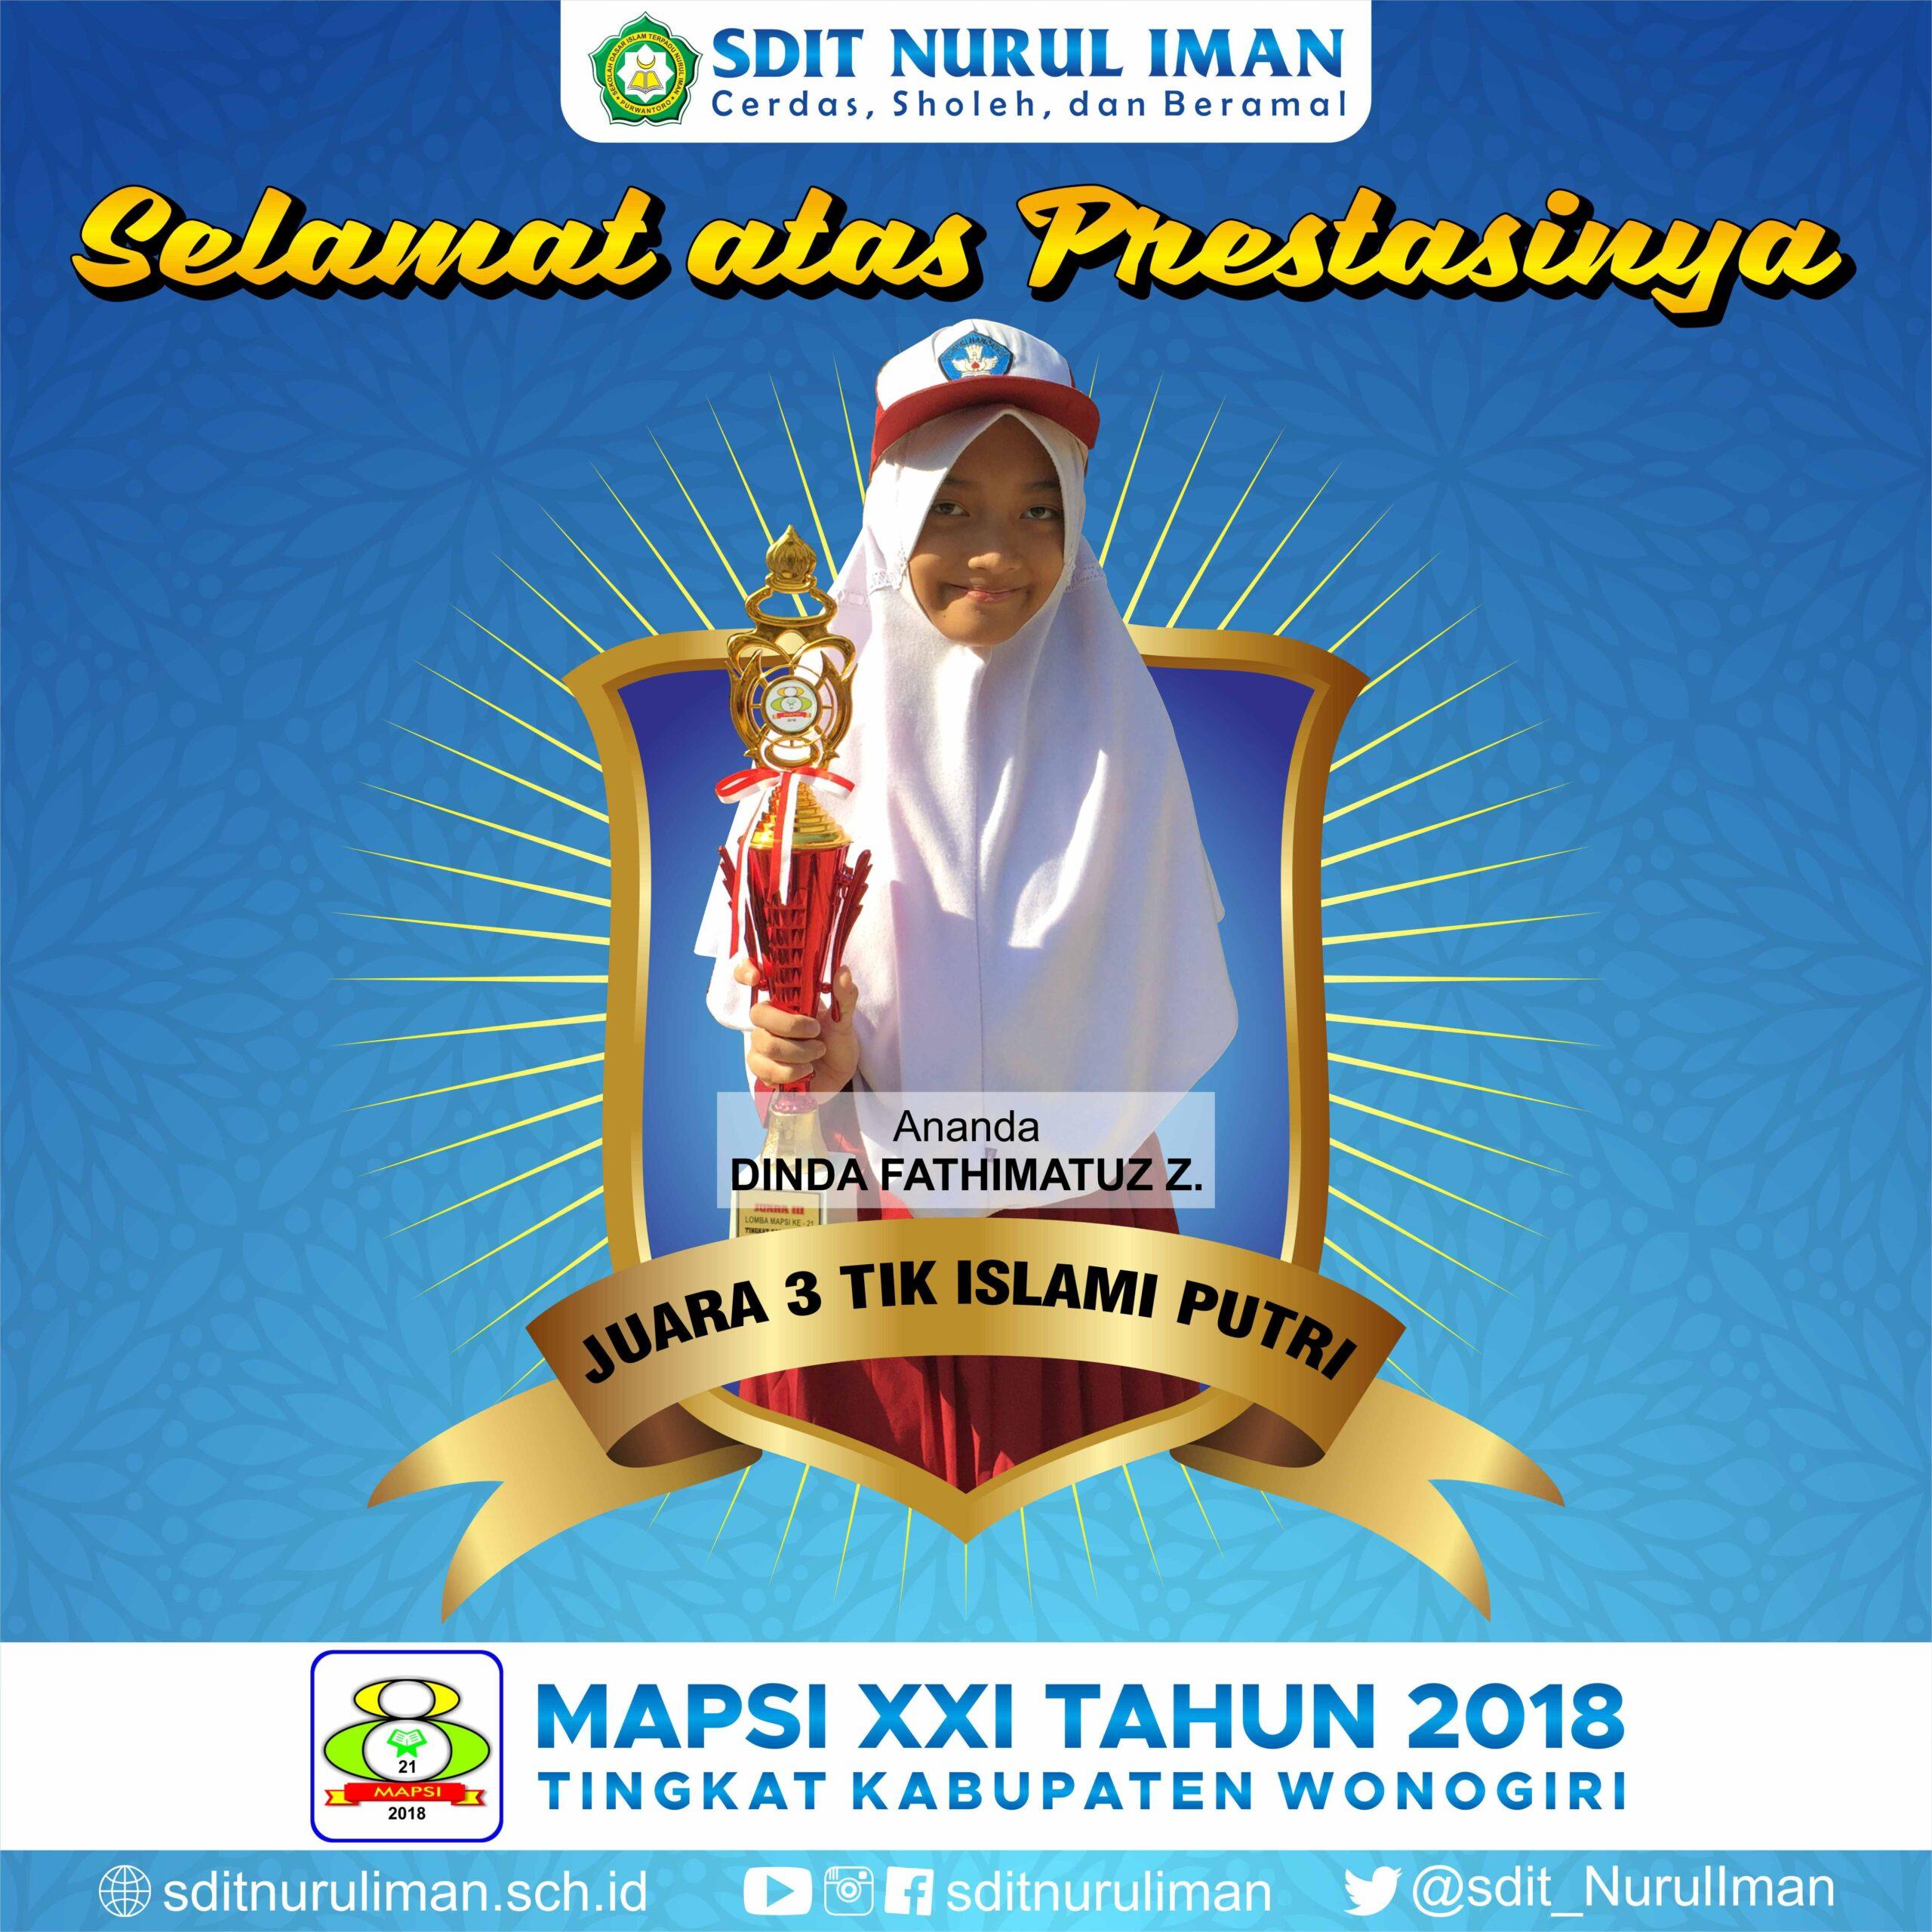 Juara 3 TIKI Putri Lomba MAPSI XXI Tingkat Kabupaten Wonogiri